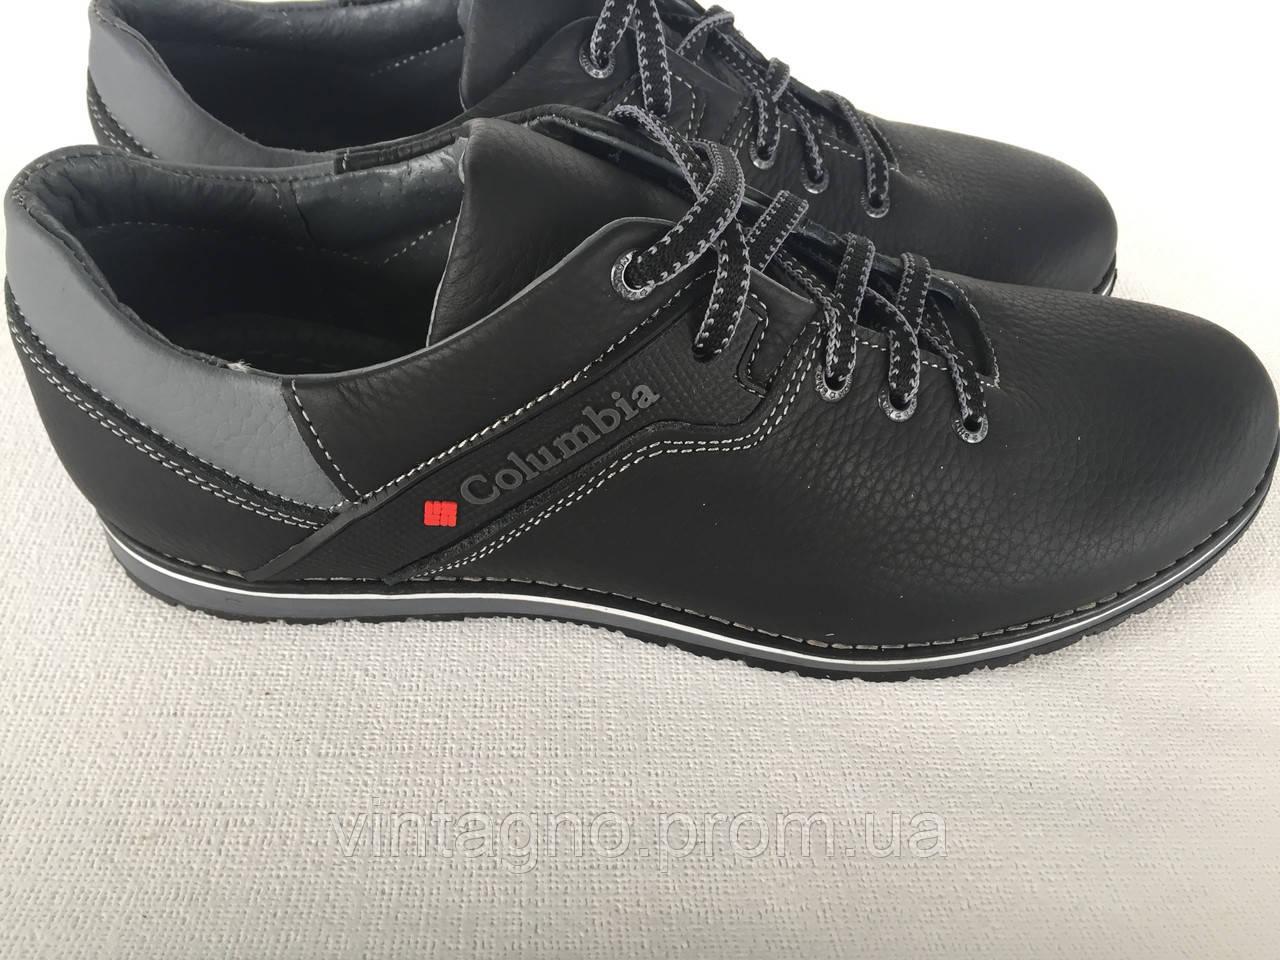 Мужские повседневные кожаные туфли 20 черные - Интернет-магазин ОБУВИ  ОПТ  и РОЗНИЦА в f07f9c8558c94